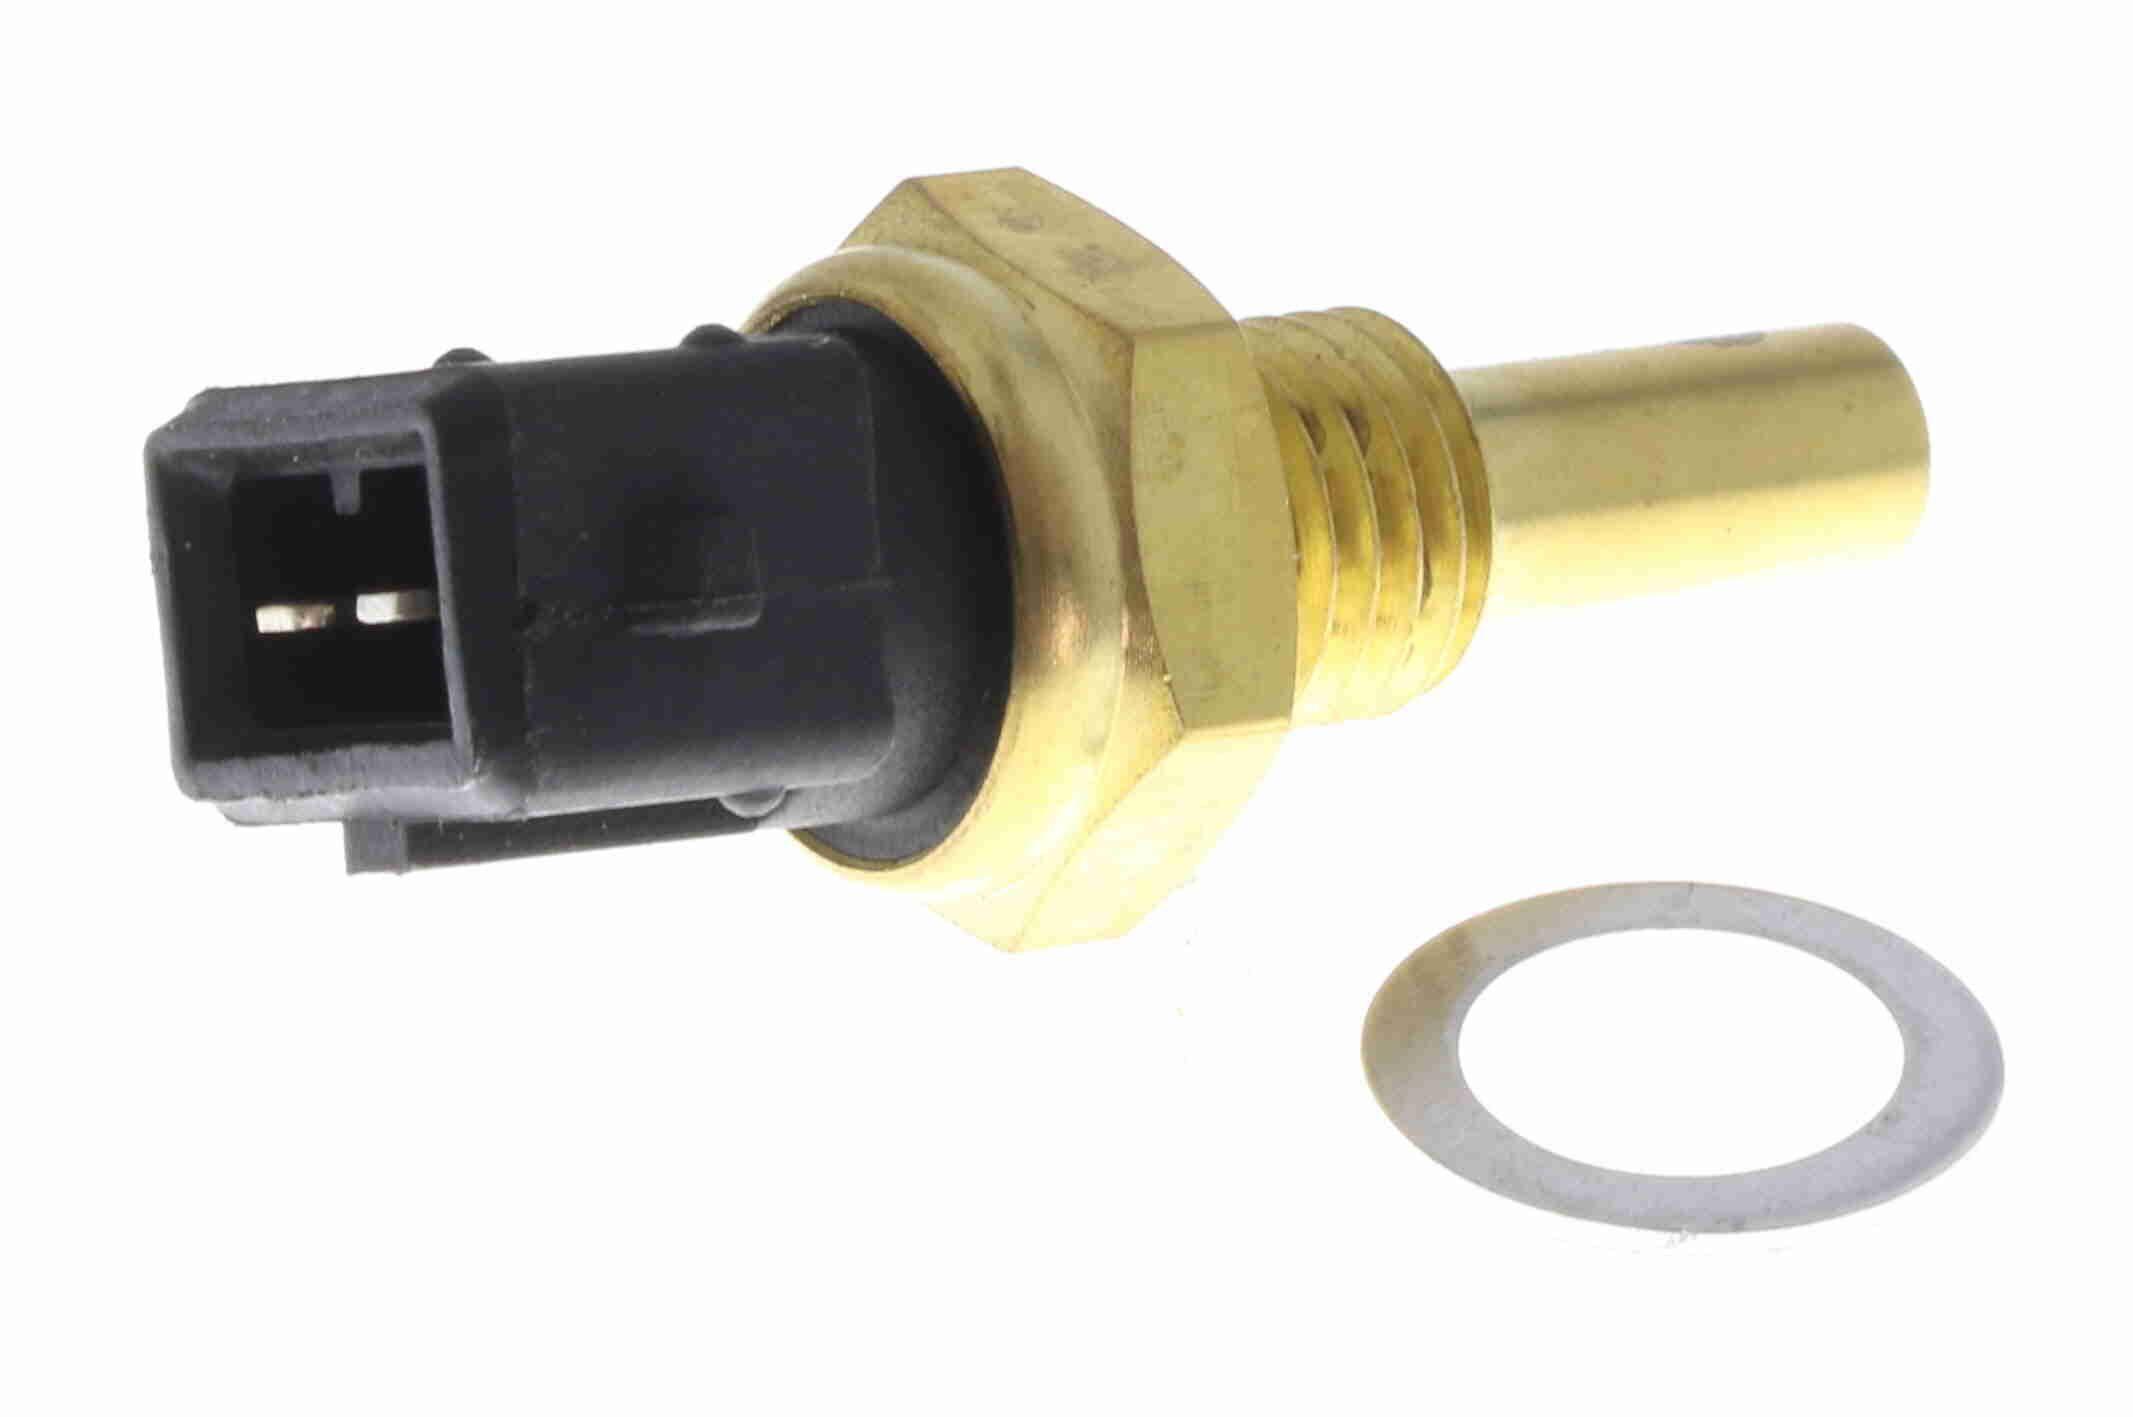 Temperatuursensor V40-72-0328 met een korting — koop nu!